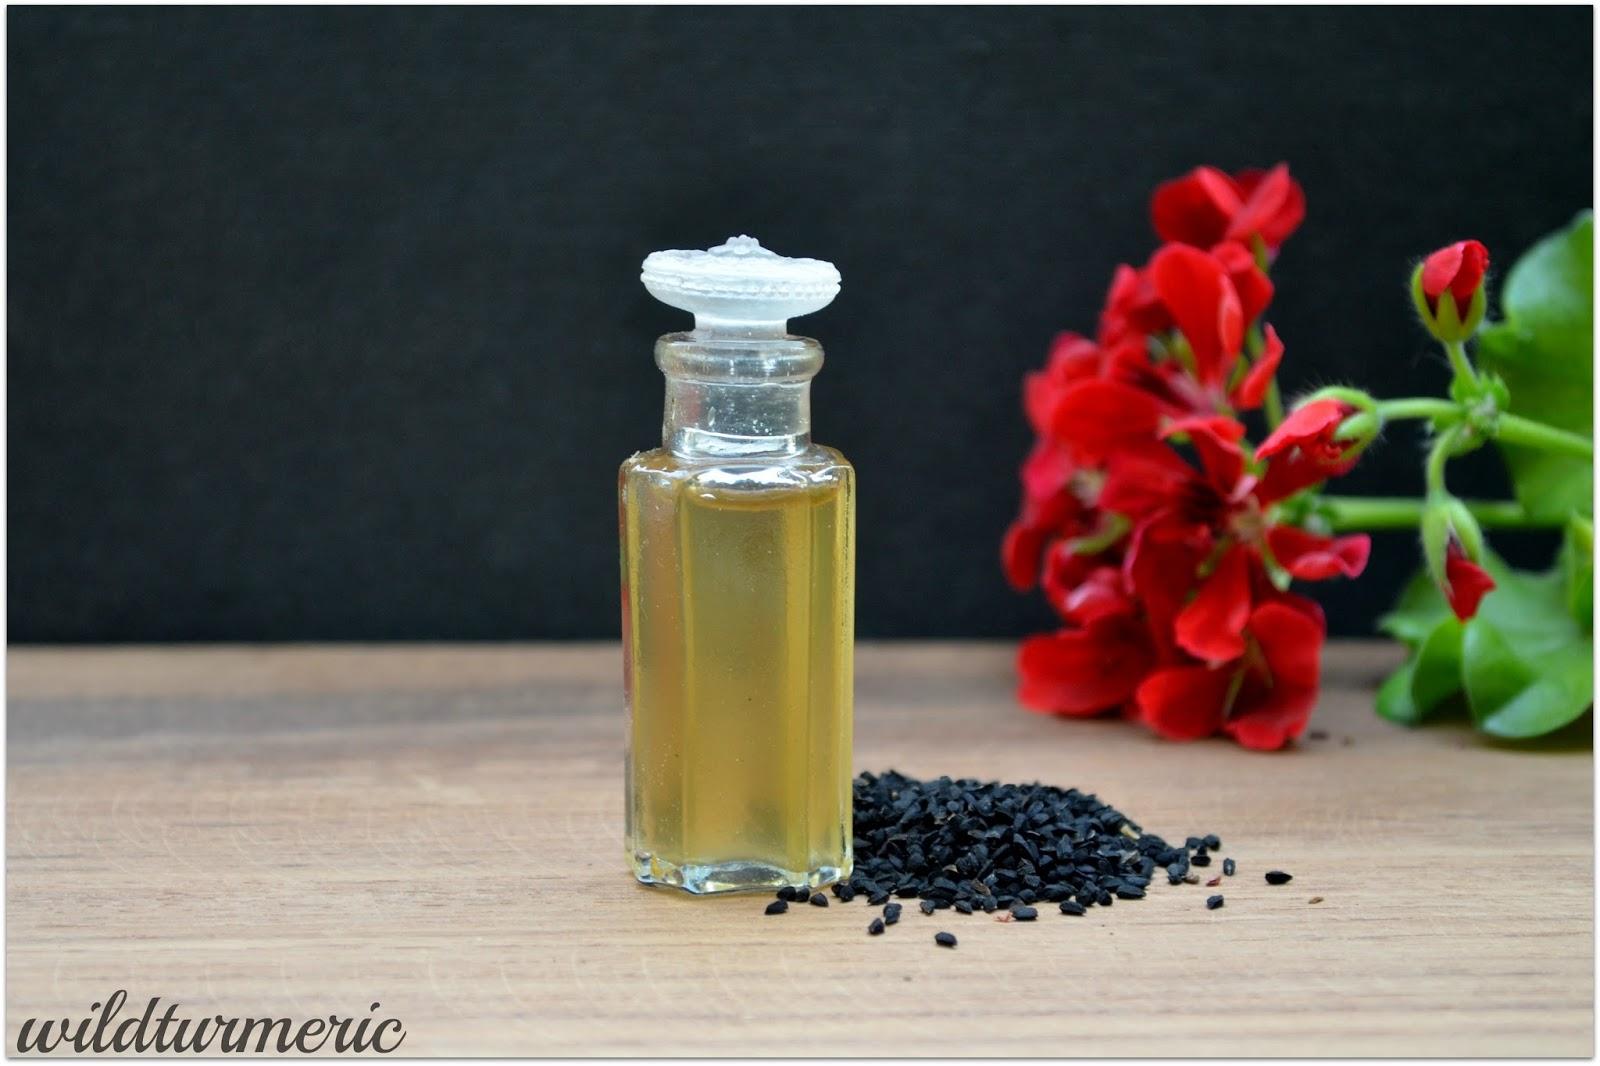 kalonji oil health benefits